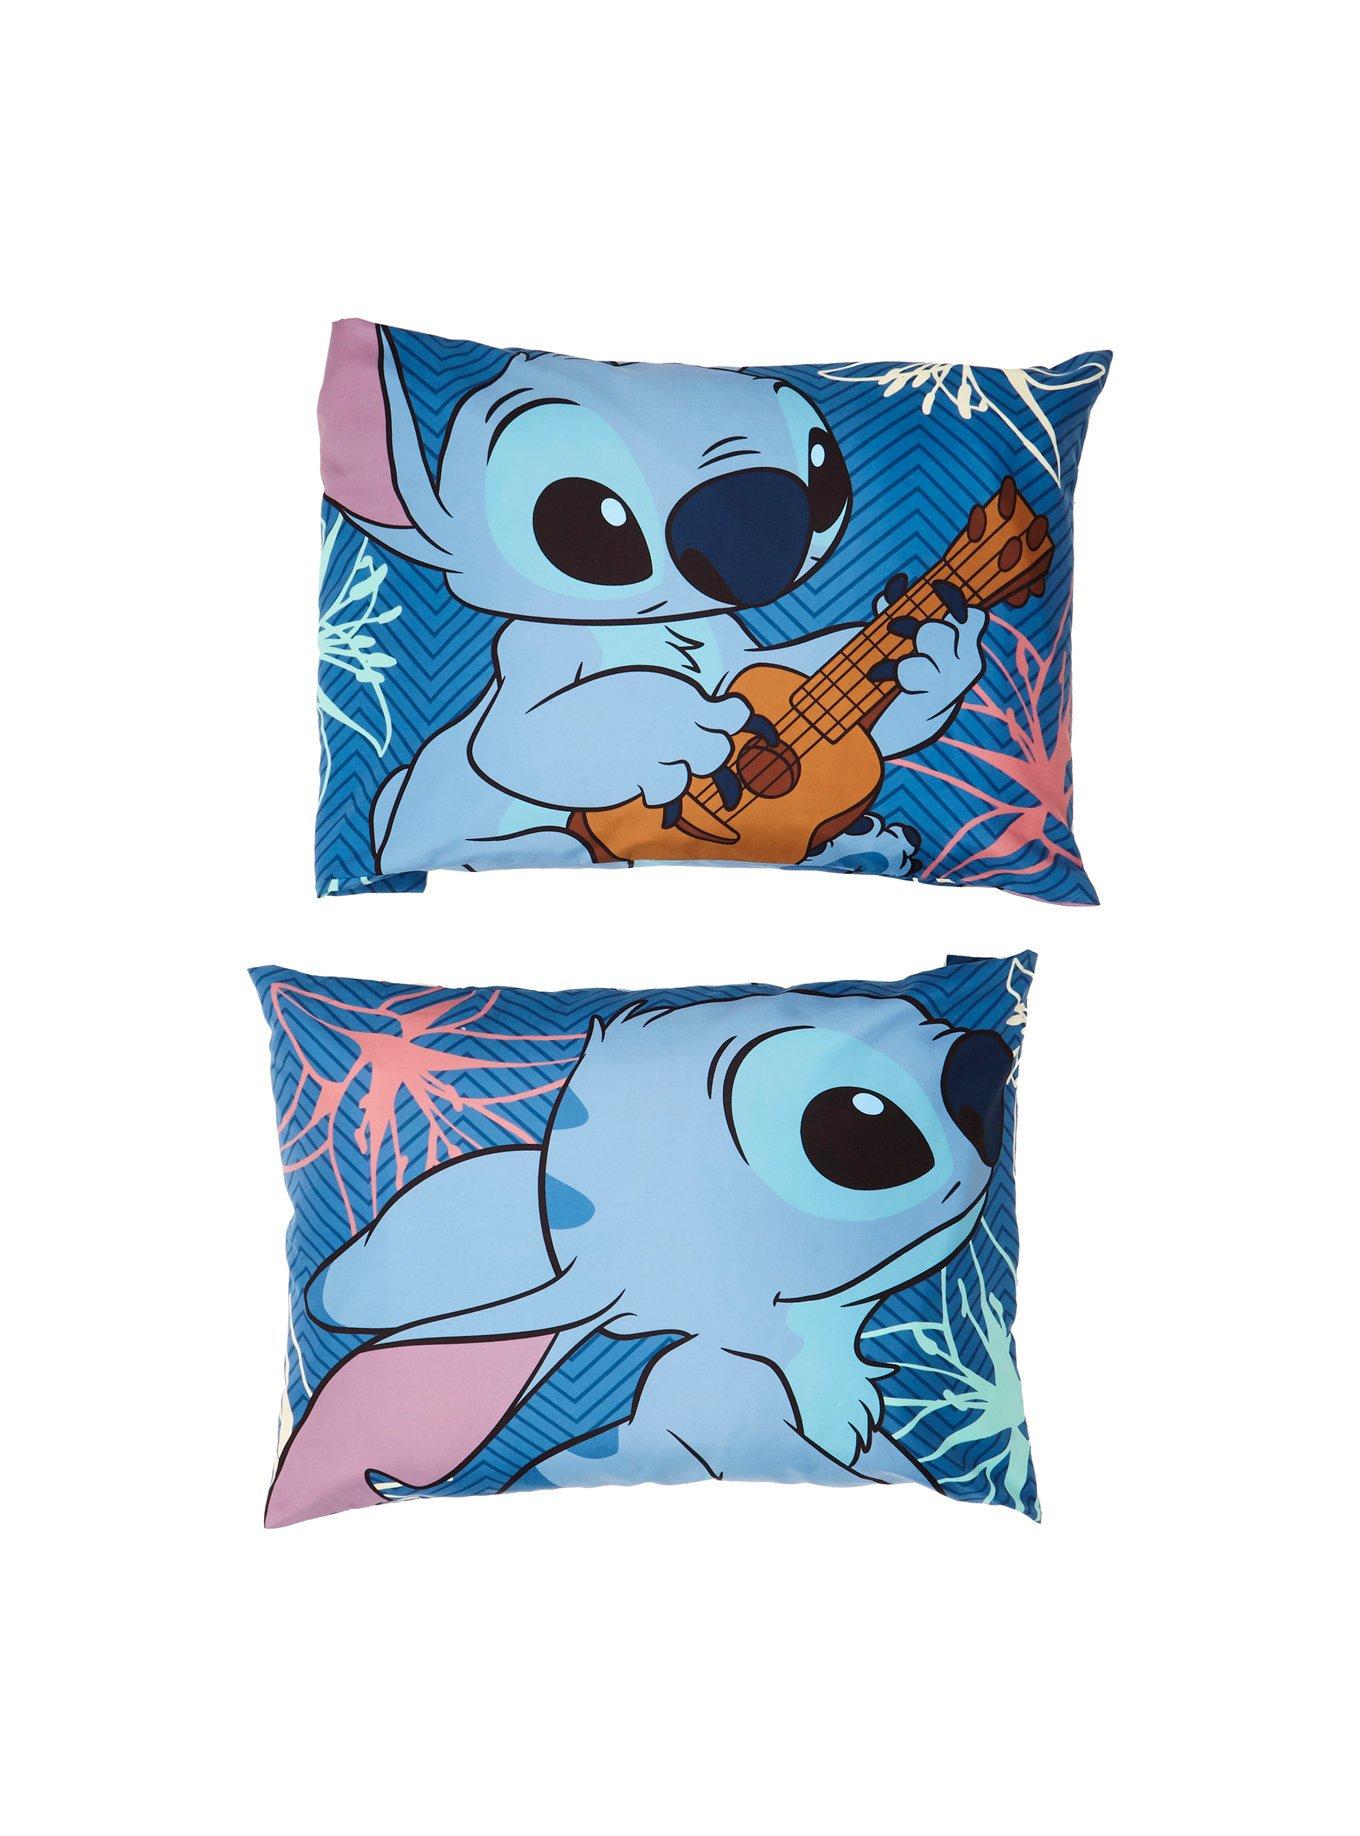 Disney Lilo & Stitch Ukulele Pillowcase Set